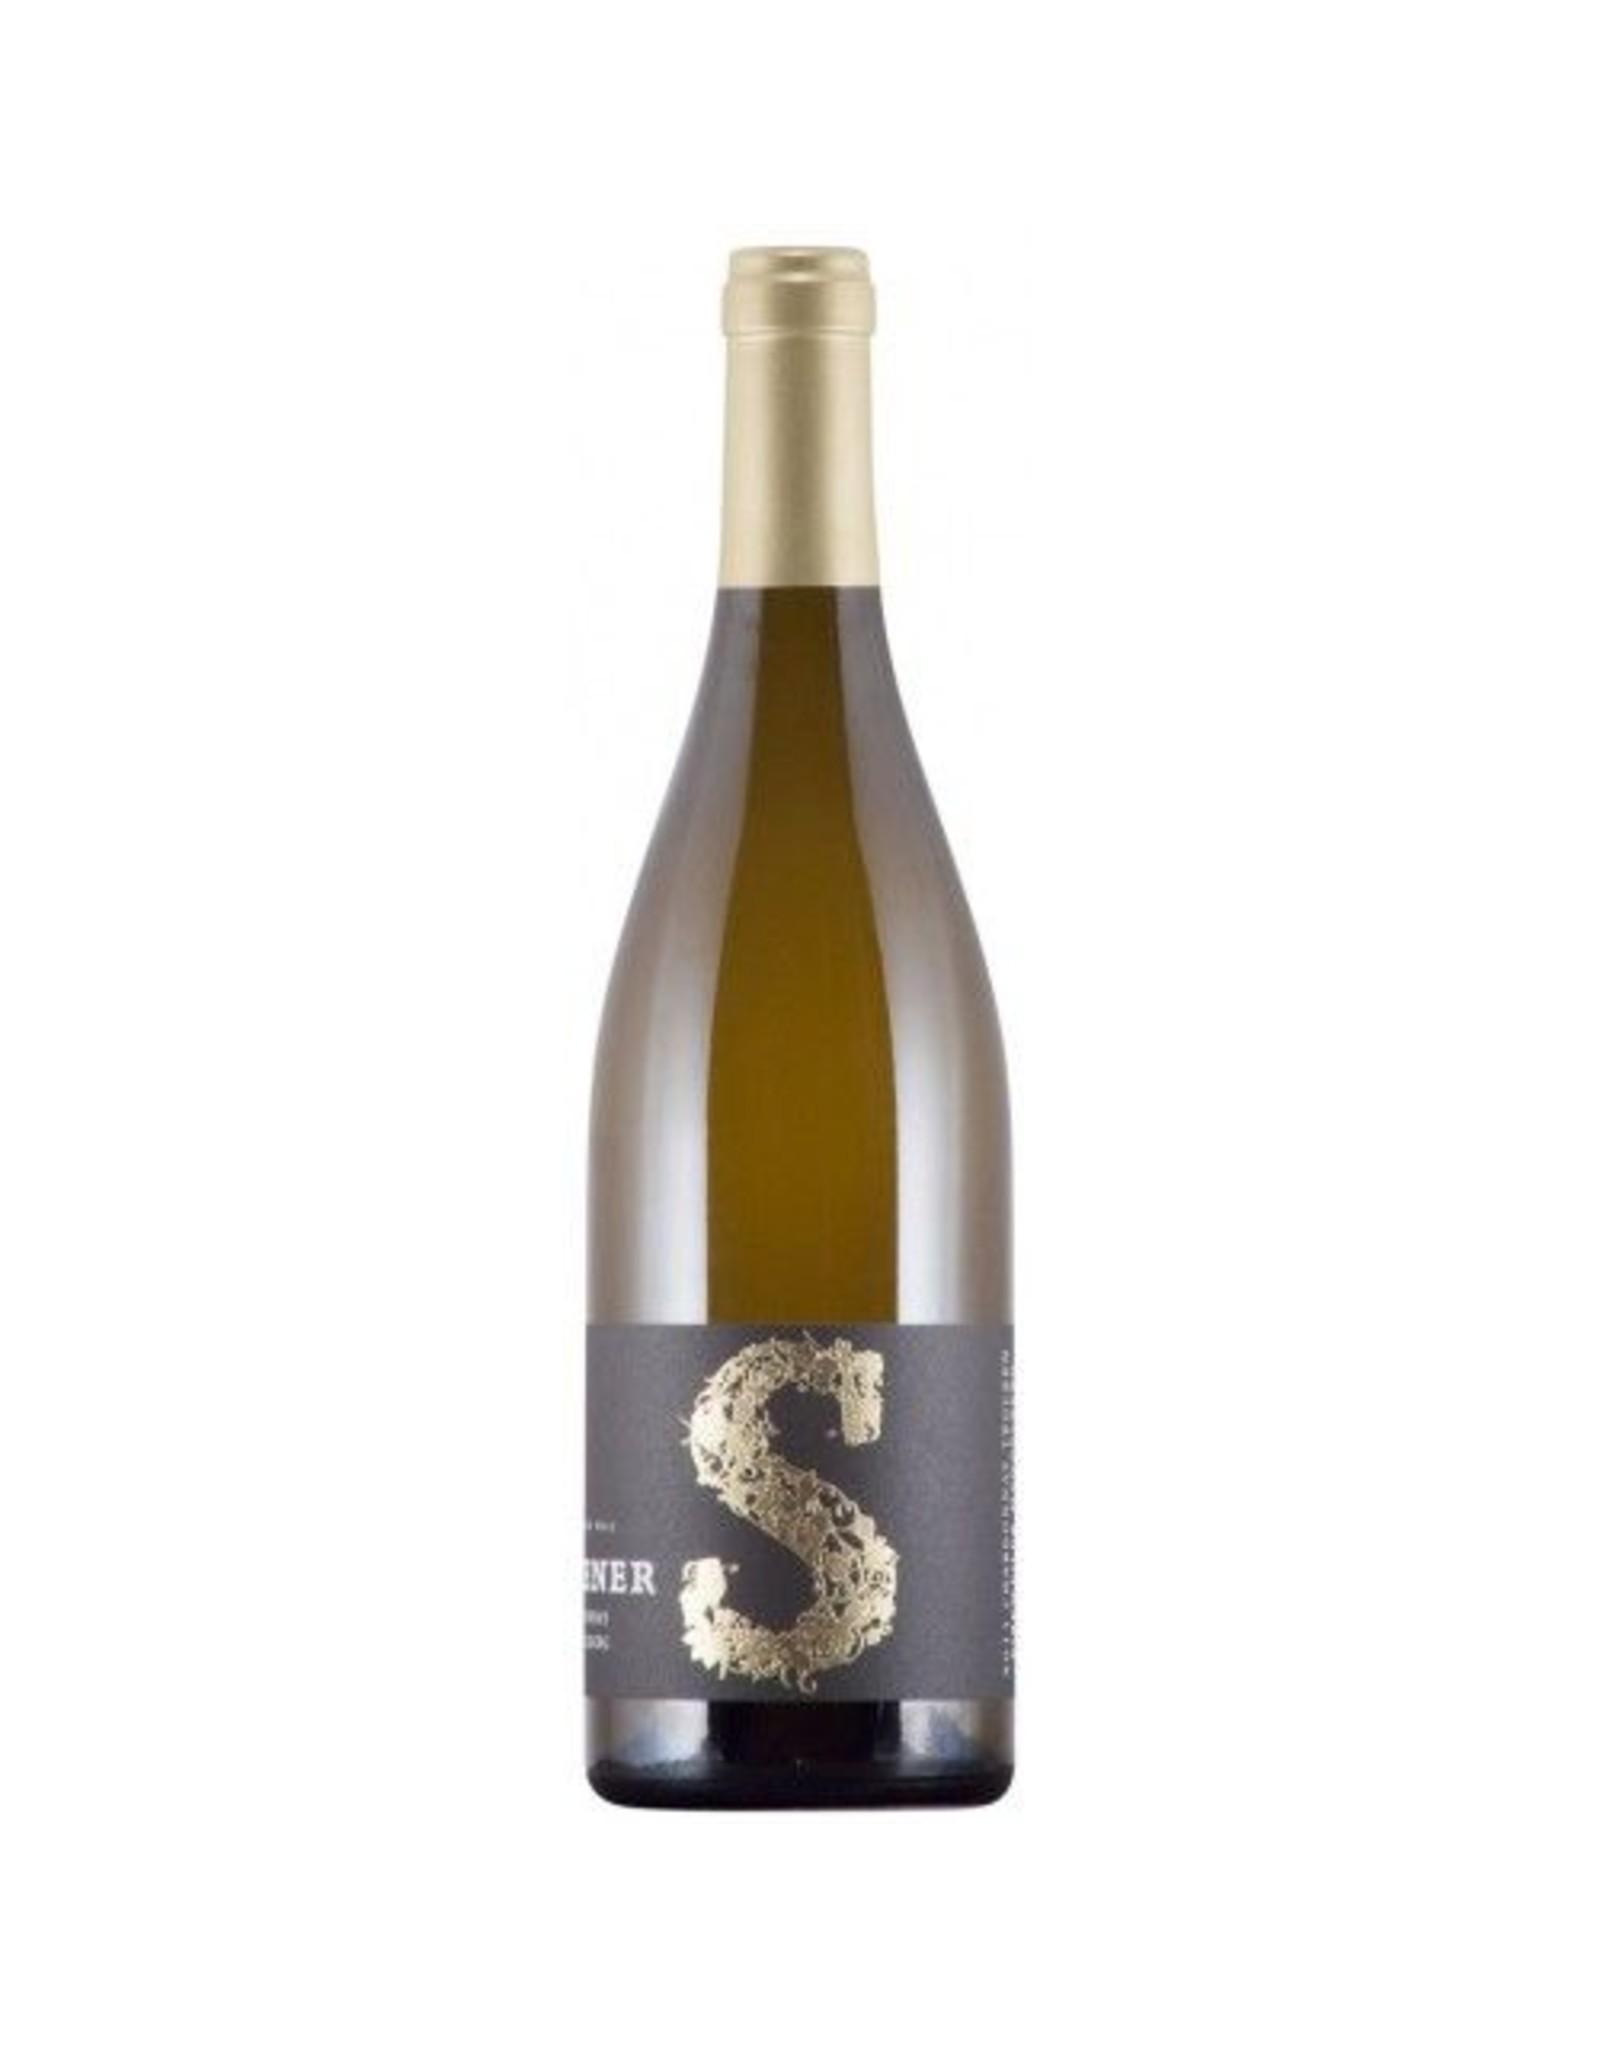 Proef Siener Mandelberg Chardonnay